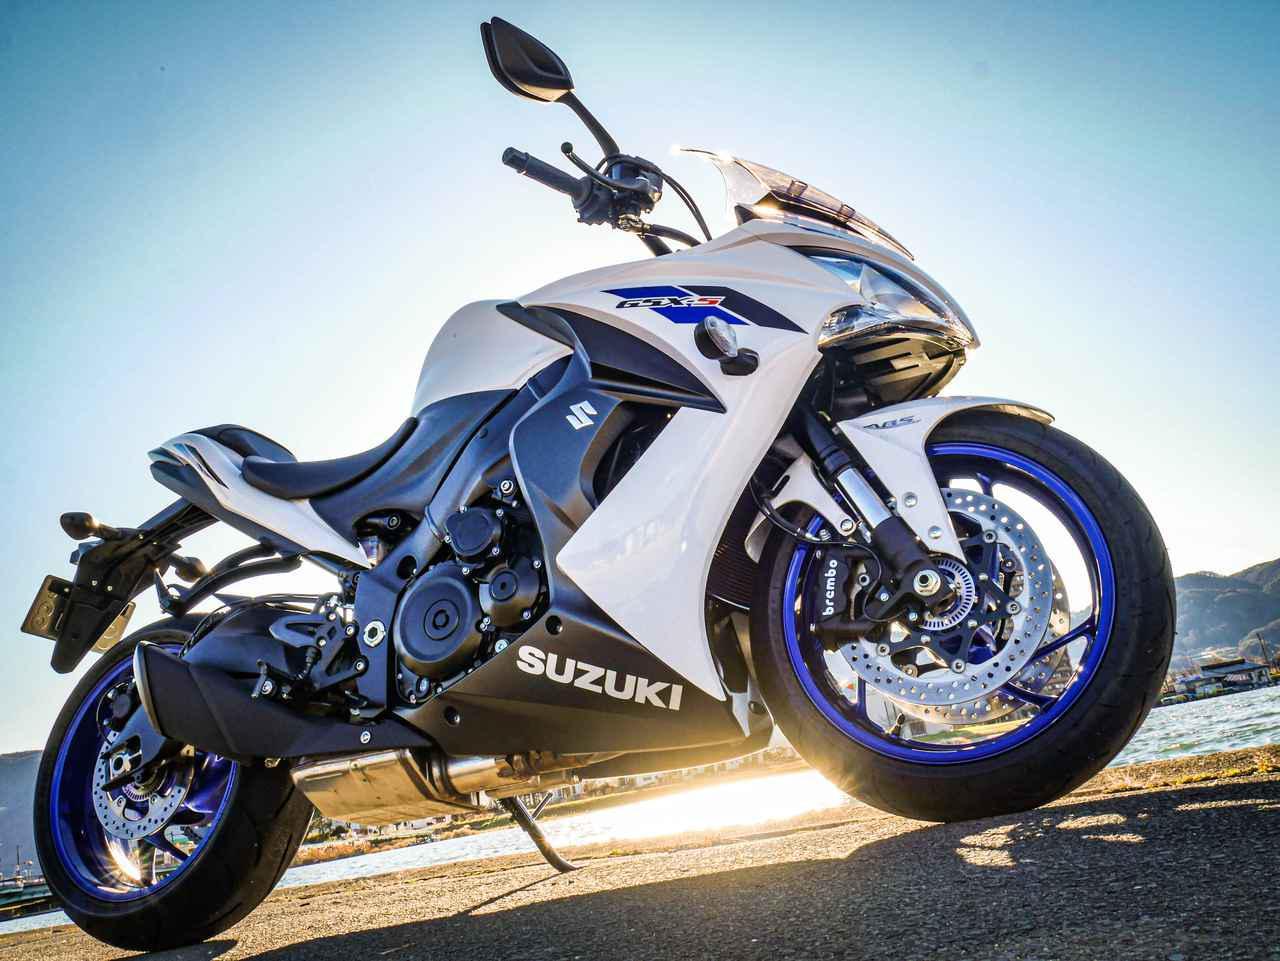 画像1: 速さが欲しい! でもキツいのは嫌だ……という人にスズキ『GSX-S1000F』以上のおすすめ国産大型バイクはあるか? - スズキのバイク!